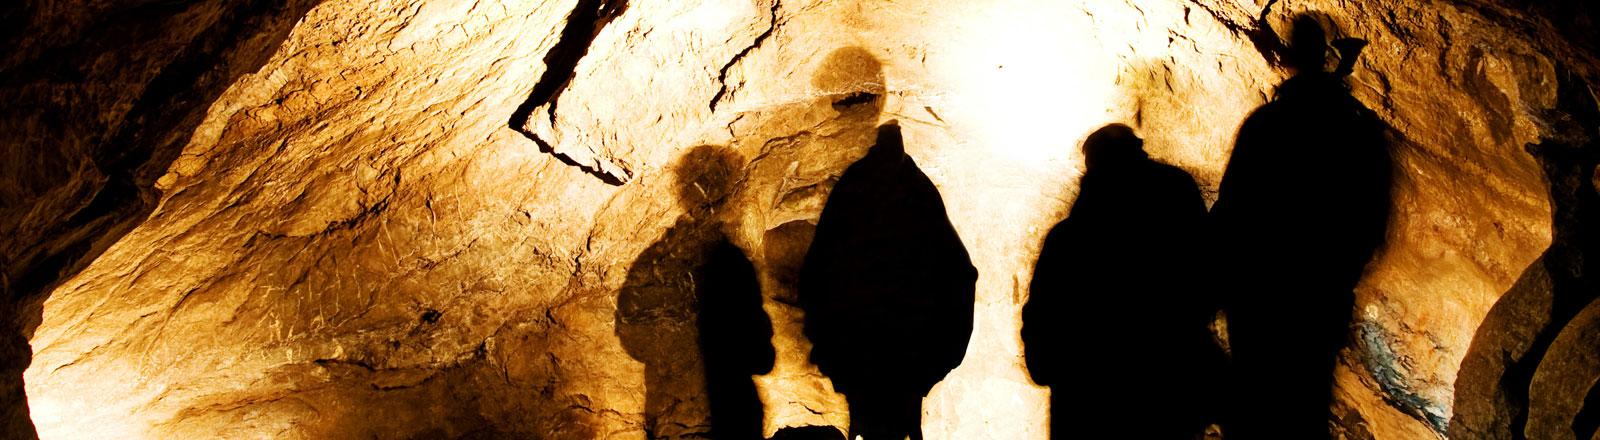 Fährtenleser helfen Archäologen